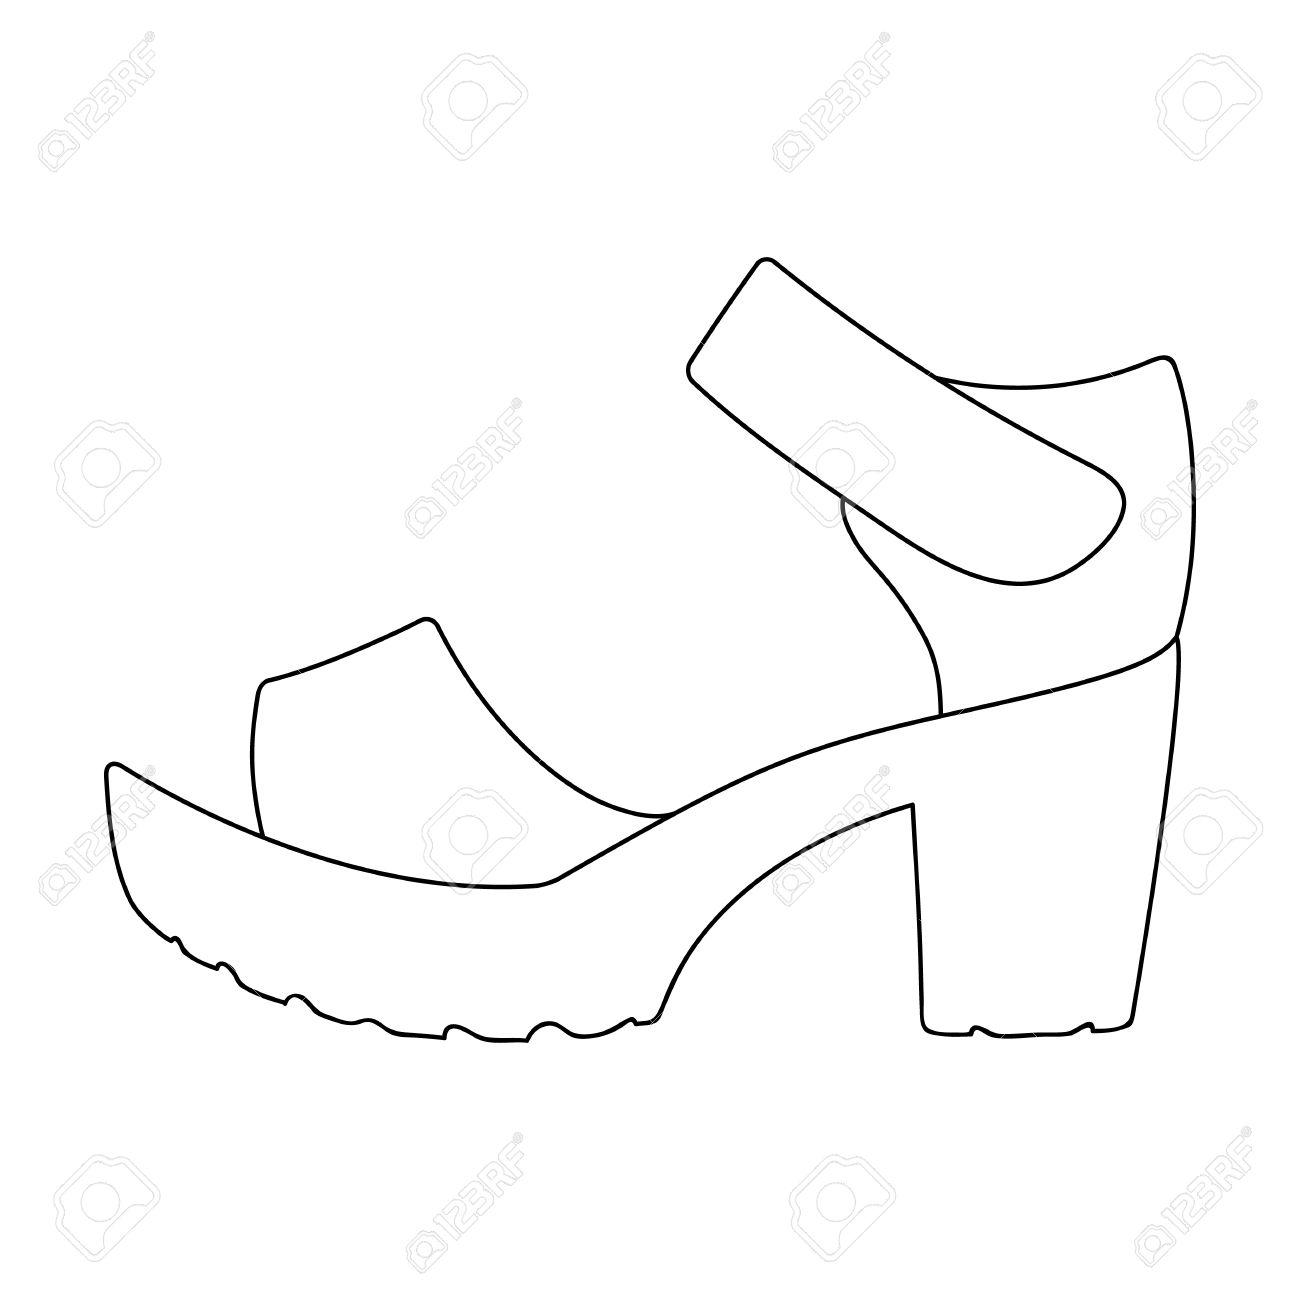 Frauen Sommer weißen Sandalen auf einem nackten Fuß.Different Schuhe  einzigen Symbol in Umriss Stil 299dce3ae4